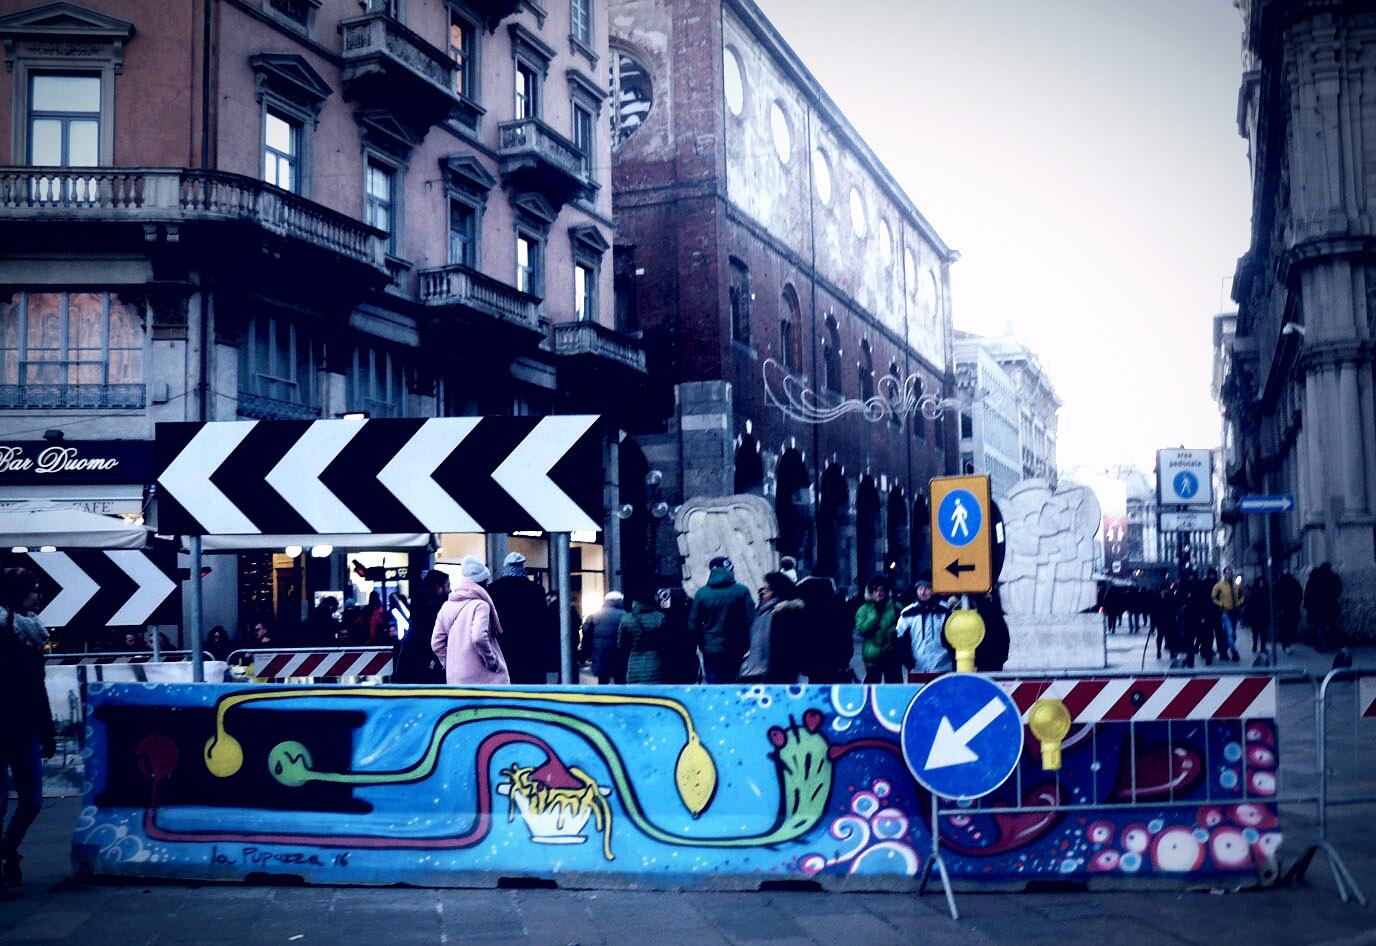 Da PiazzaVerso via Orefici, il murale di La Pupazza